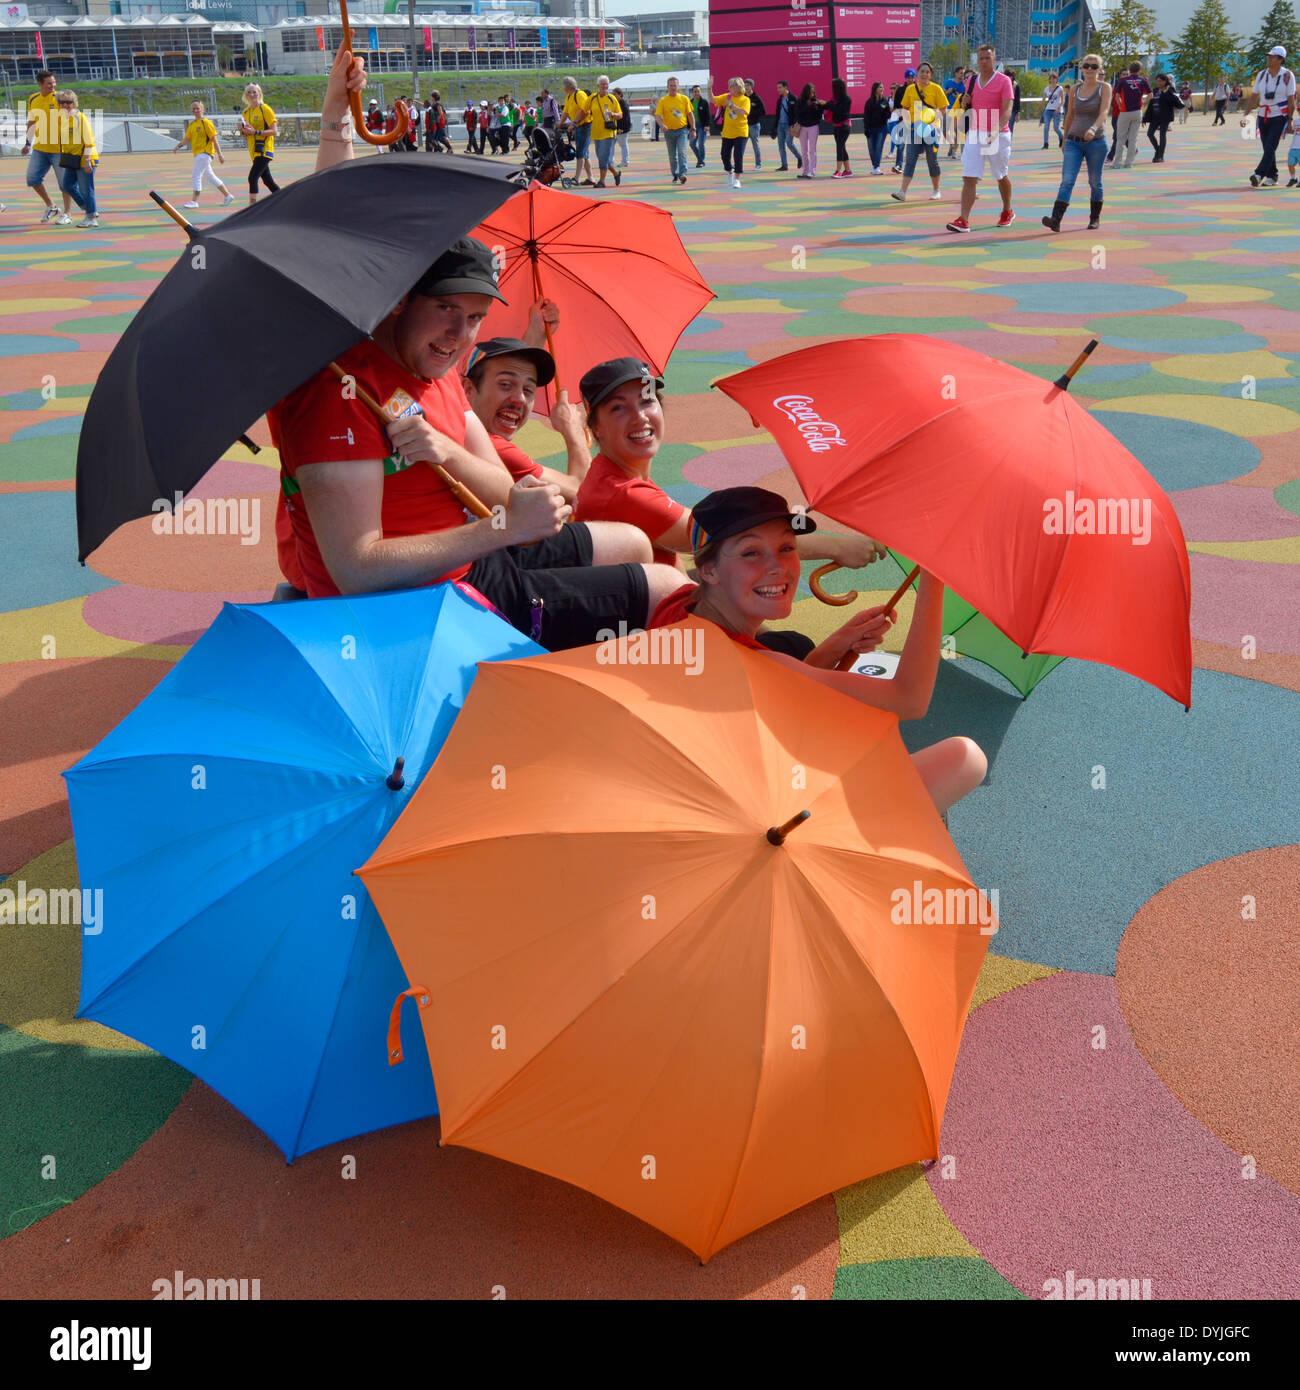 Die Unterhaltung während der London 2012 Spiele in den Olympiapark knallende unter Sonnenschirmen (auch Alamy DY39GE) Stockbild